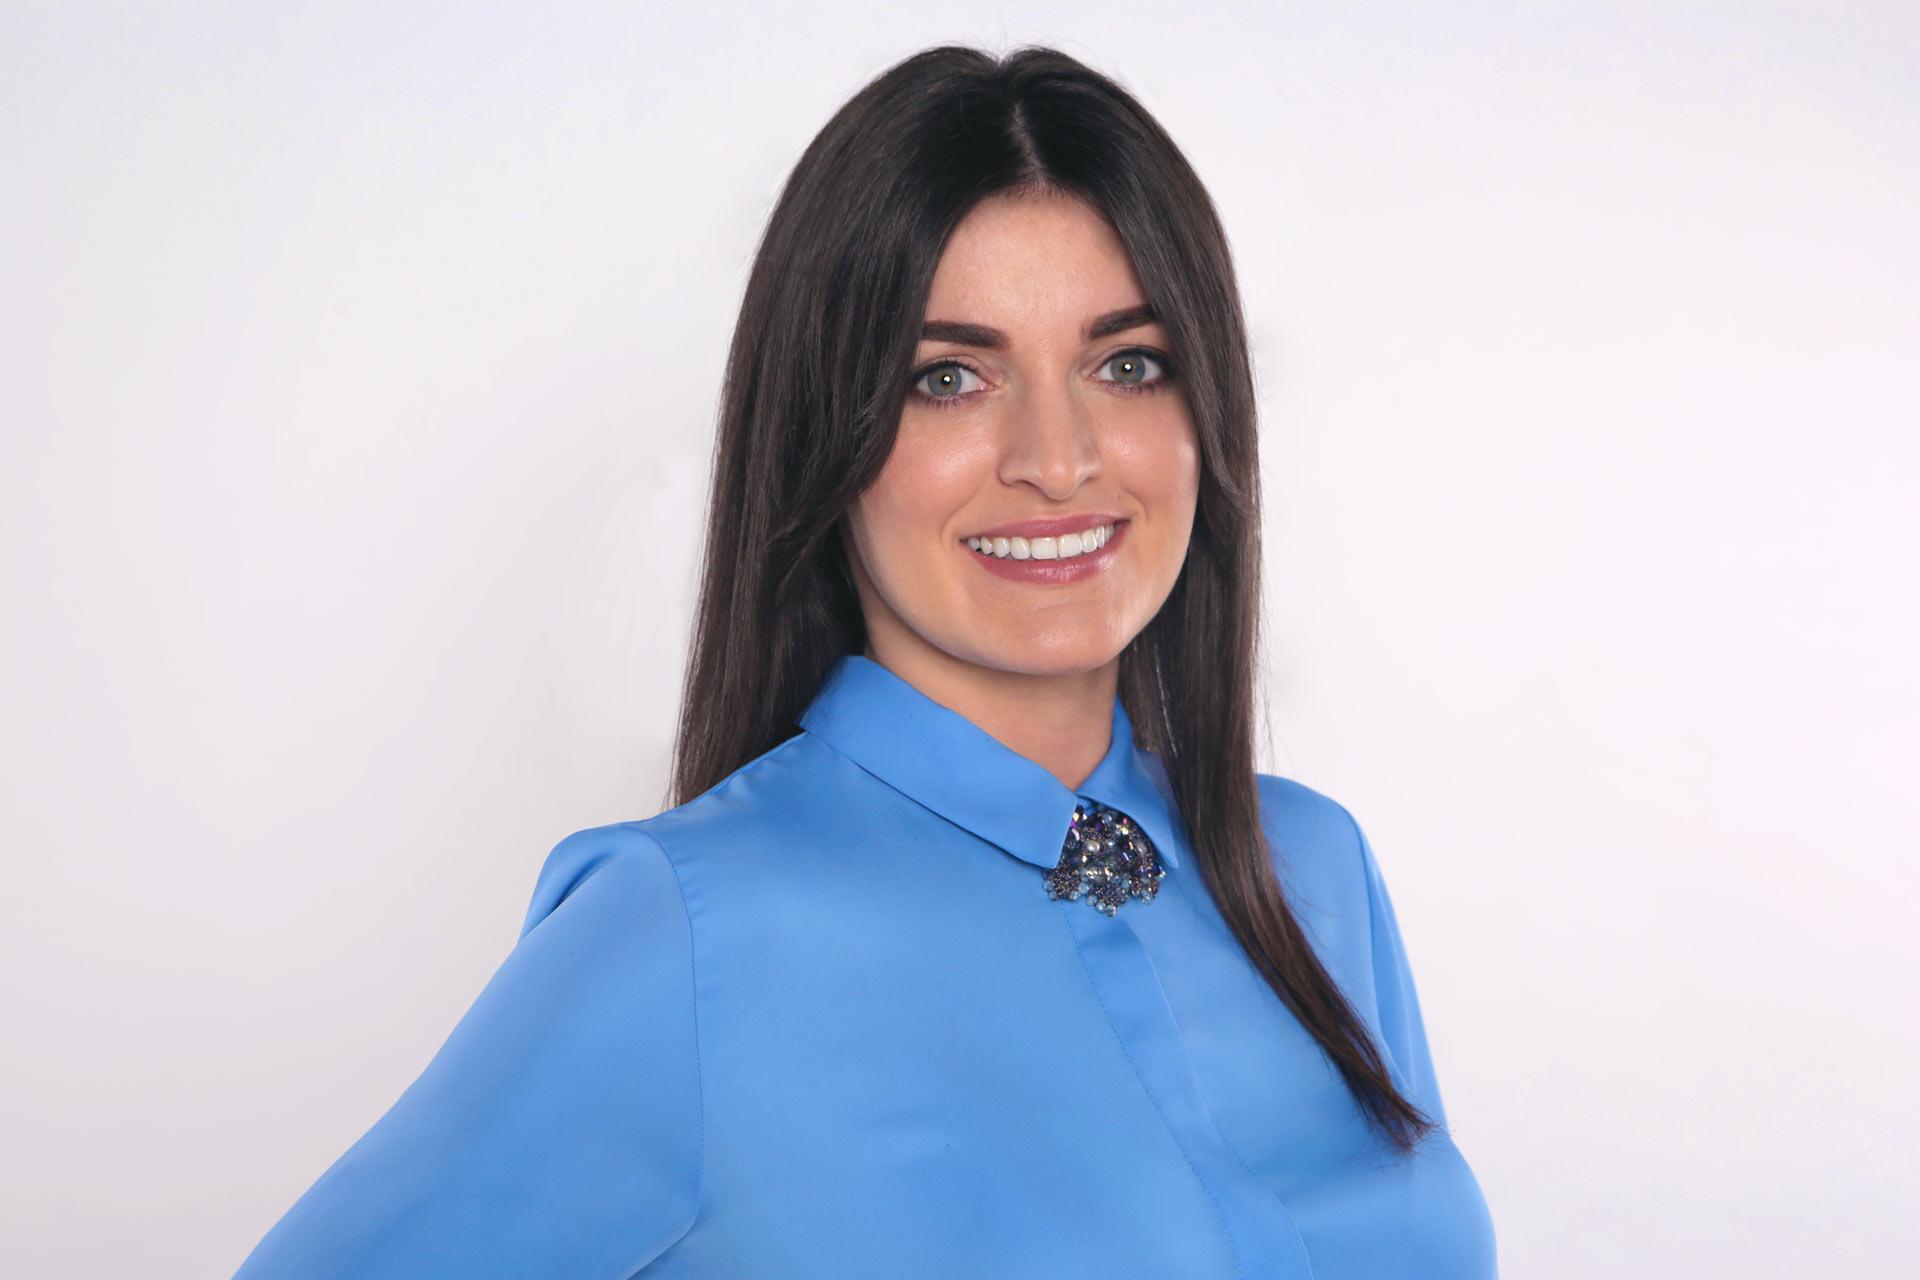 Спикер: Гончарова Екатерина. Личное финансовое планирование, инвестиции